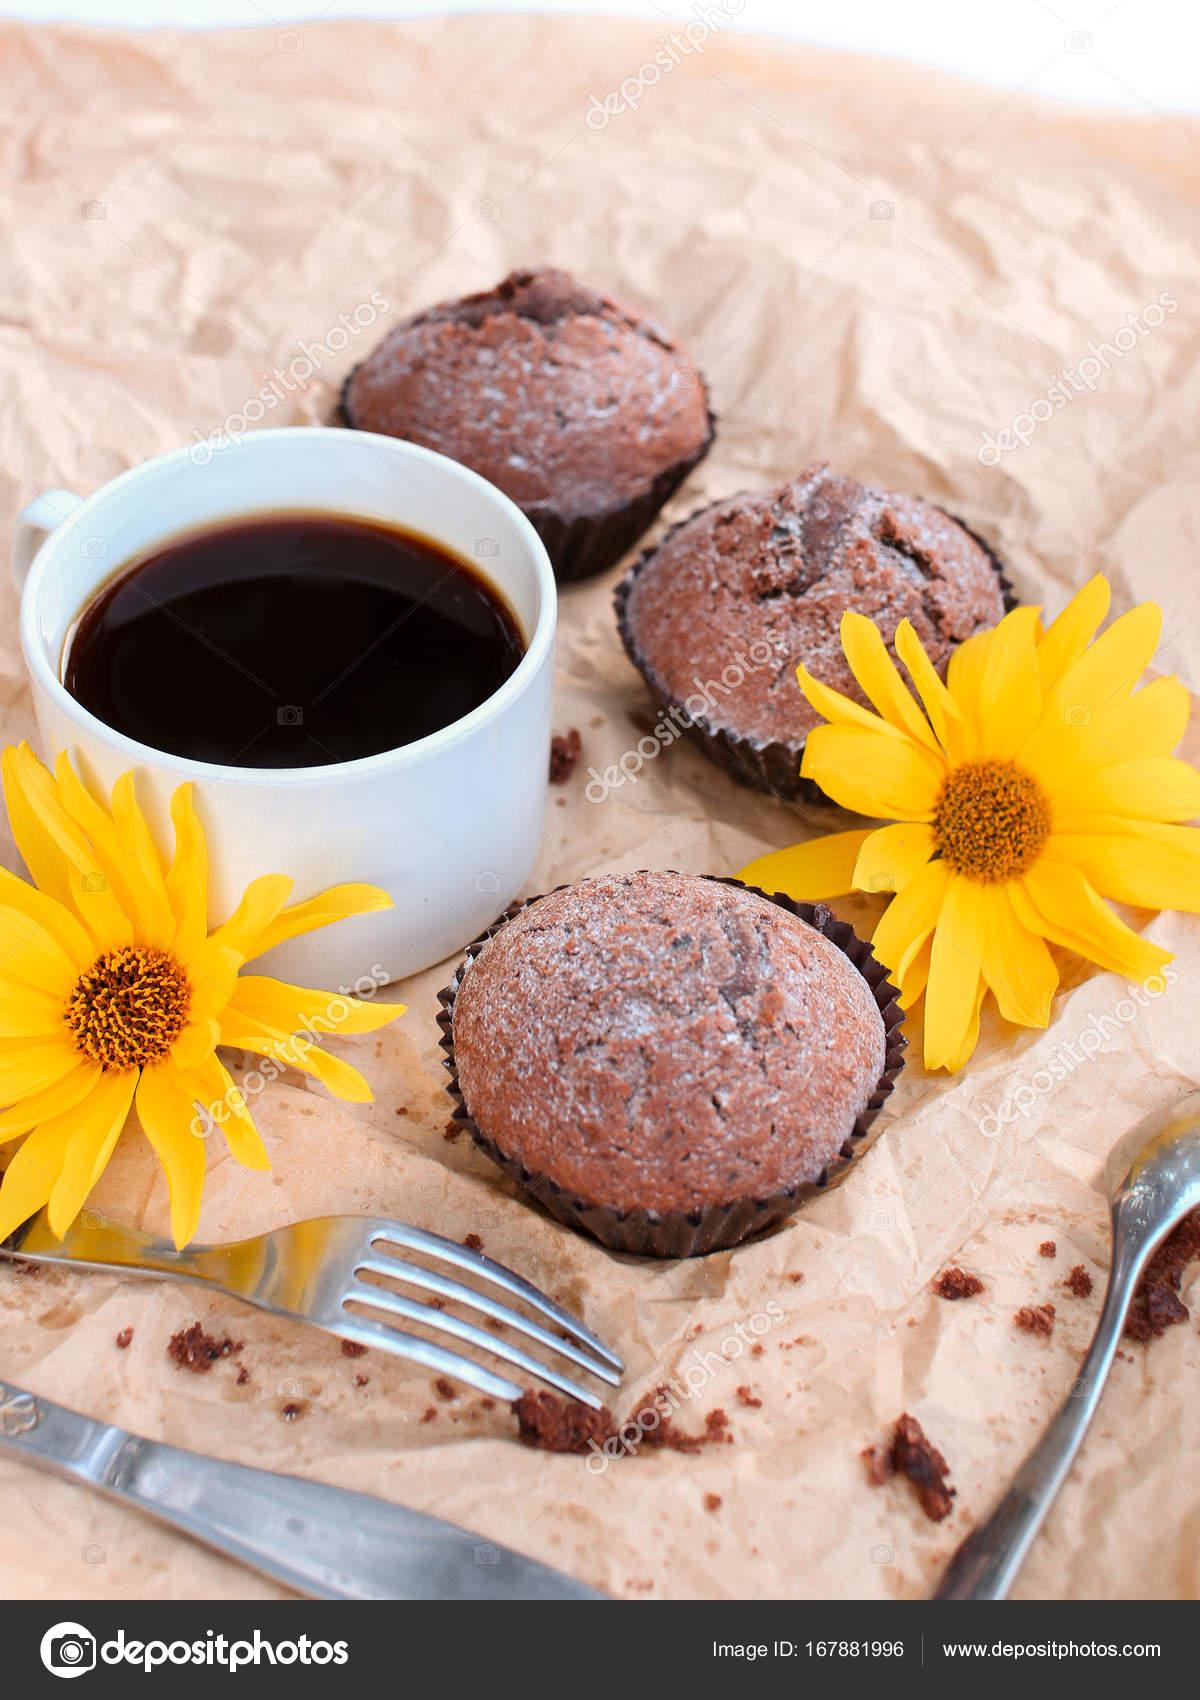 Verzauberkunst Guten Morgen Frühstück Beste Wahl Einen Wunderschönen Frühstück Auf Einem Hellen Hintergrund.